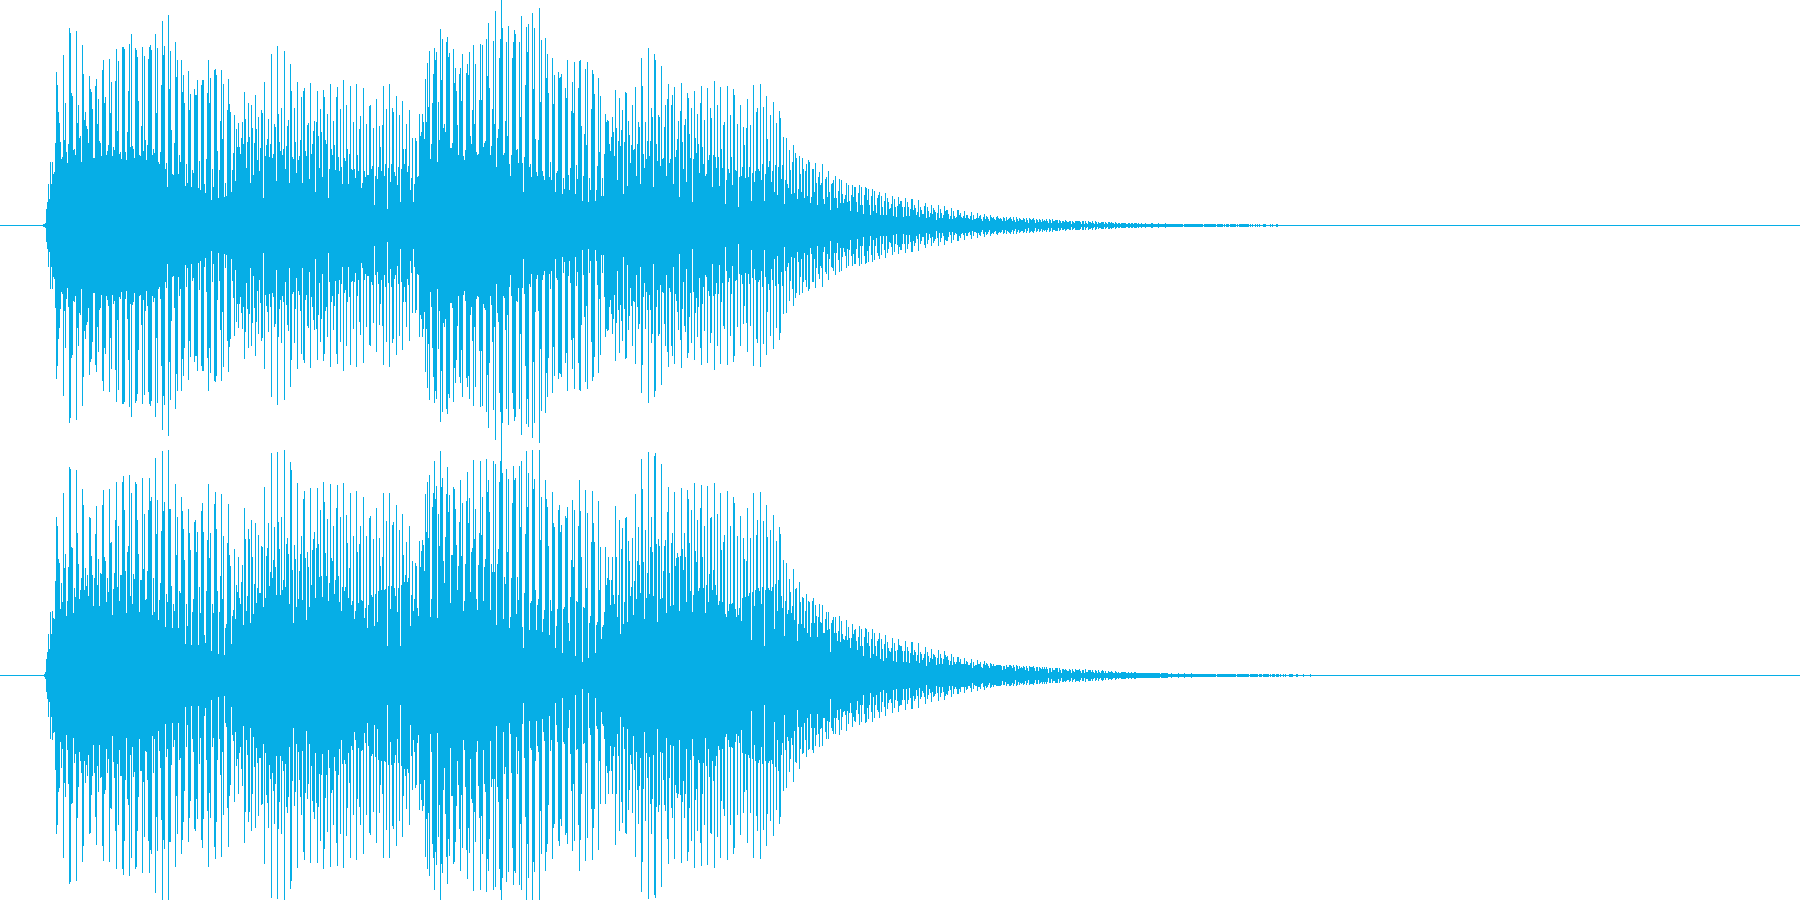 ピロピロ(ピアノキャンセルSE:低音)の再生済みの波形